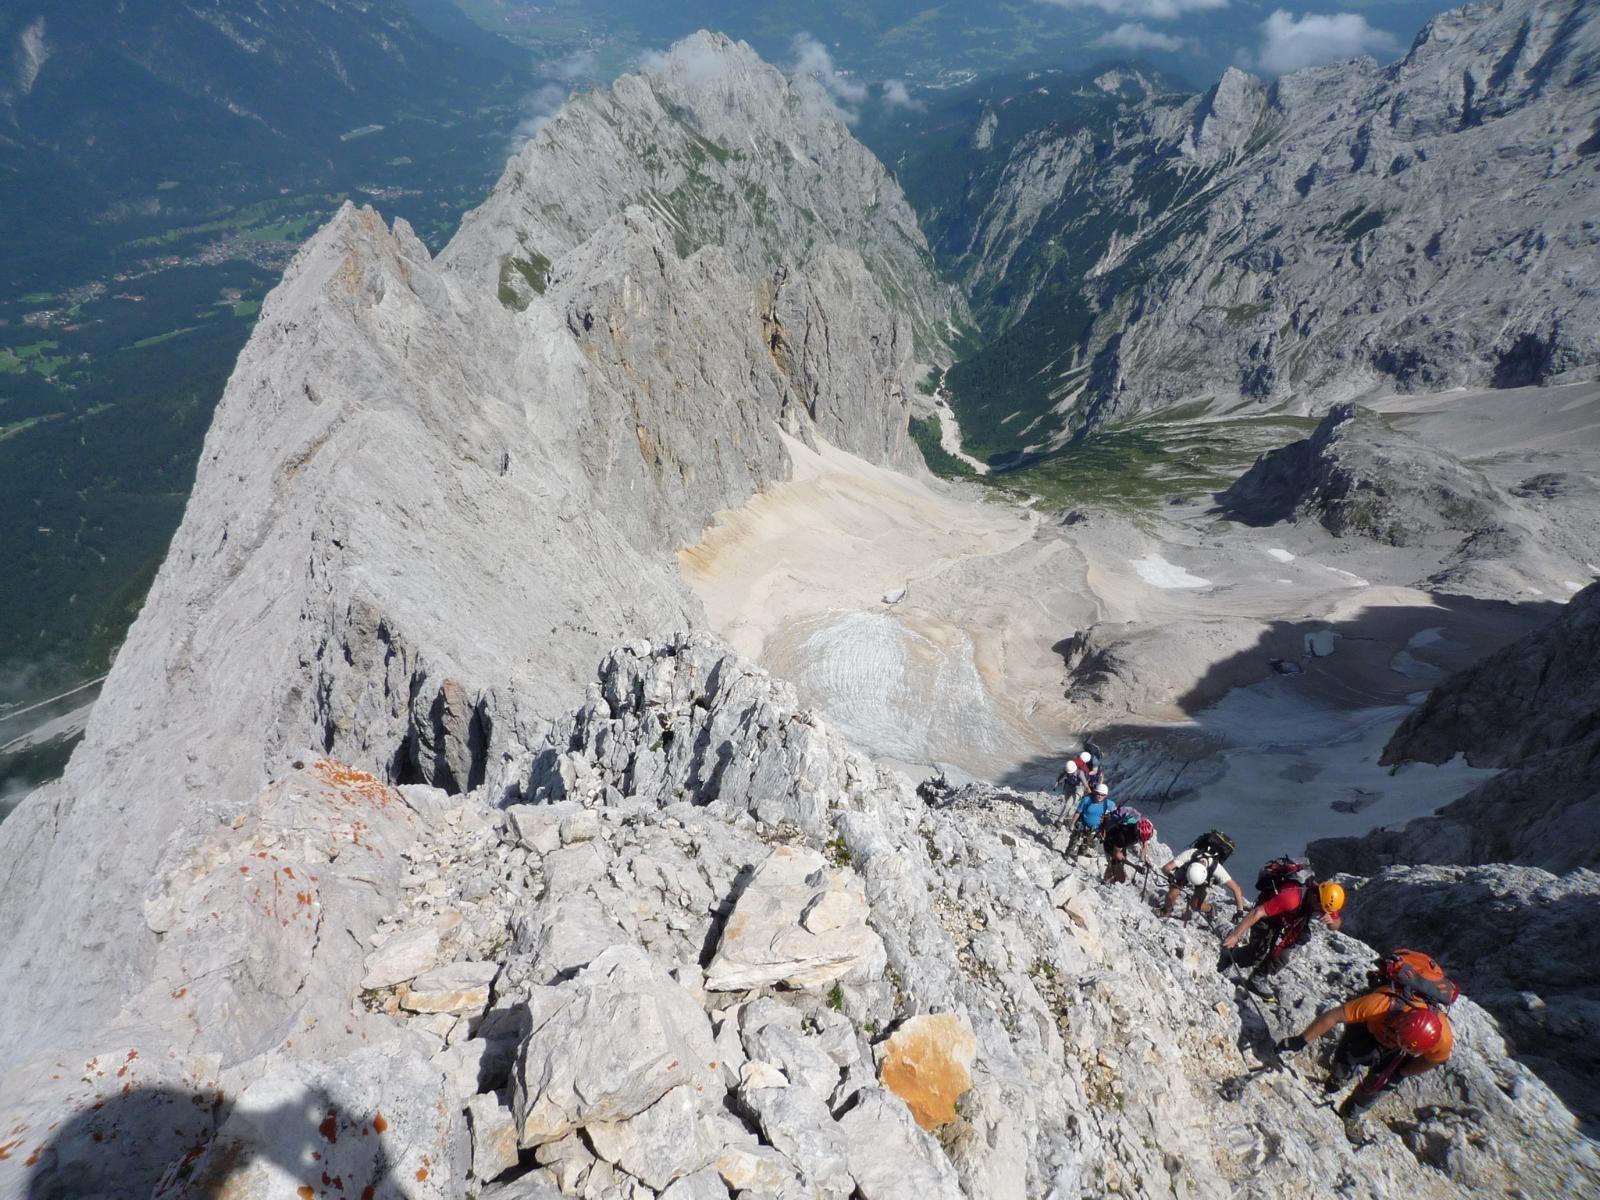 Klettersteig Deutschland : Klettersteig höllental zugspitze in deutschland